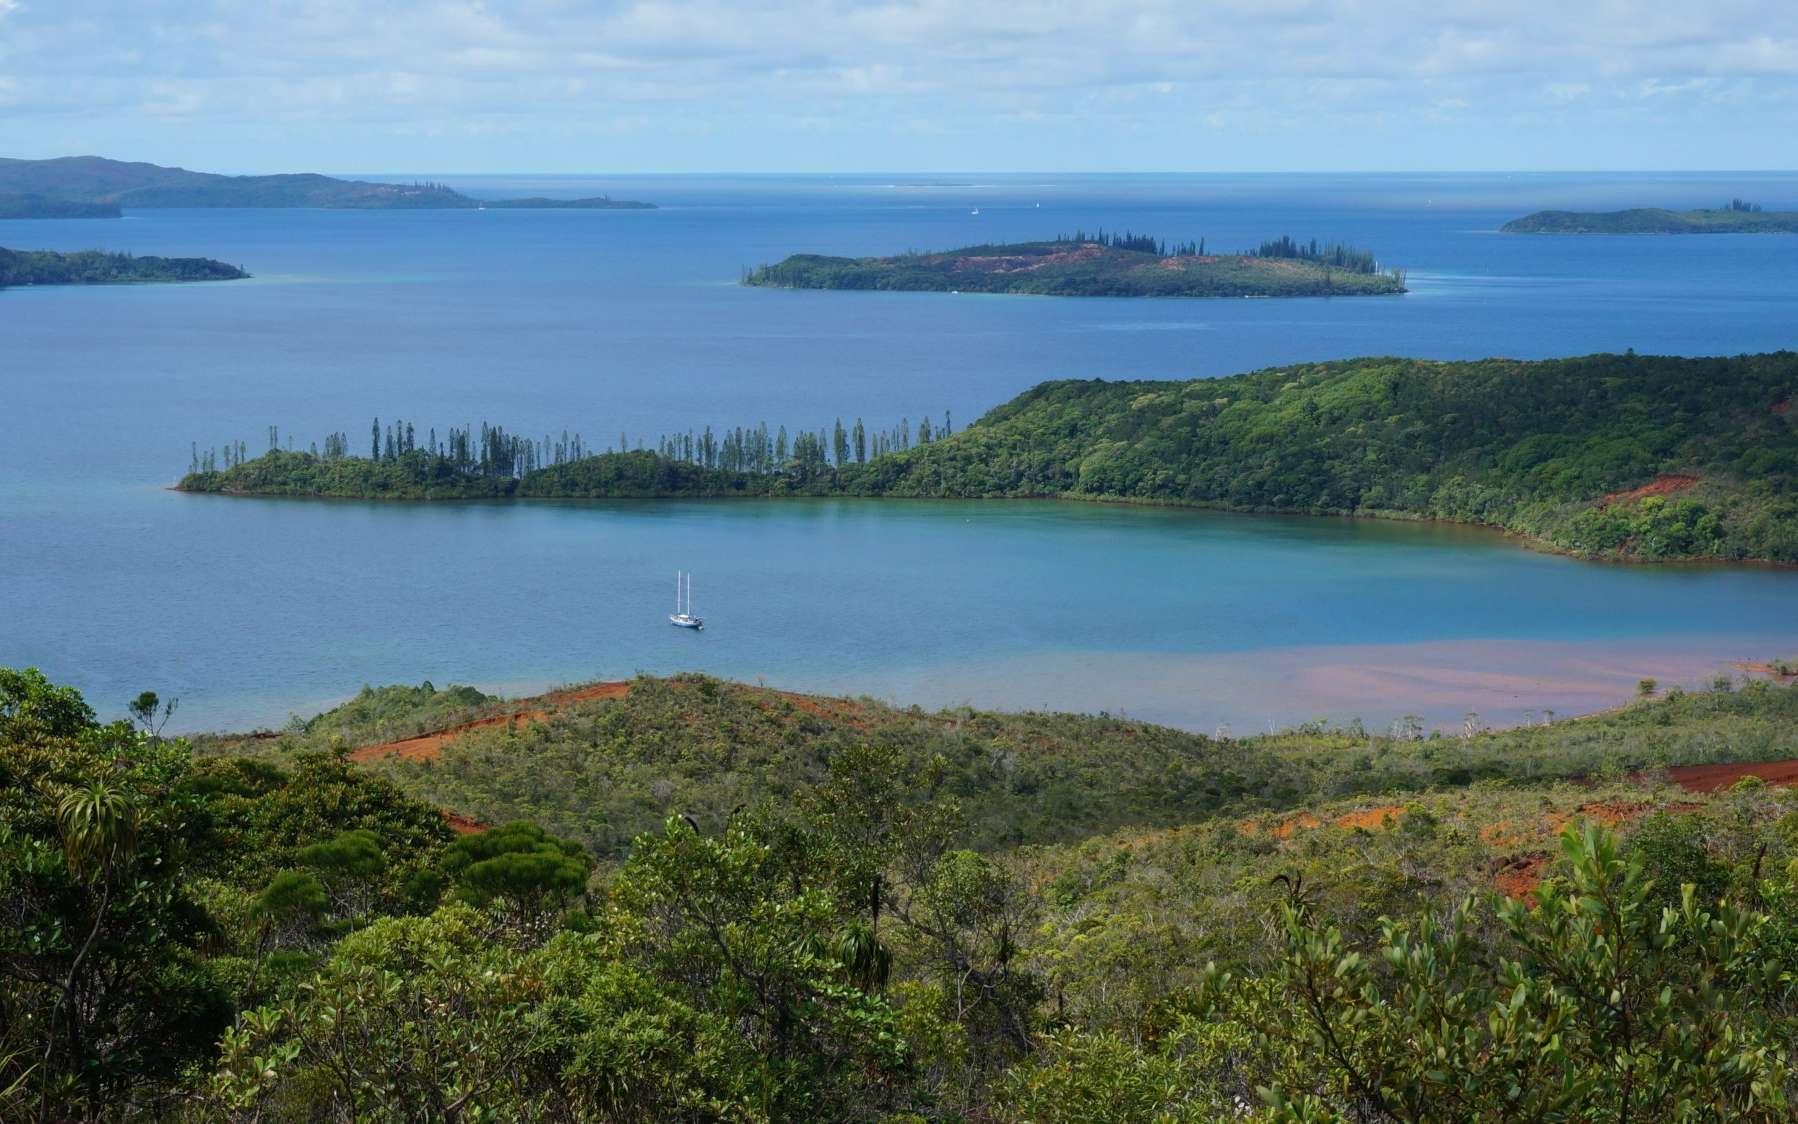 La baie de Prony, dans le lagon sud de la Nouvelle-Calédonie. On y trouve un site exceptionnel, connu des plongeurs et protégé, où des cheminées hydrothermales émettent des fluides alcalins. Dans ce milieu très pauvre en oxygène prospère une flore microbienne très particulière. © R. Price